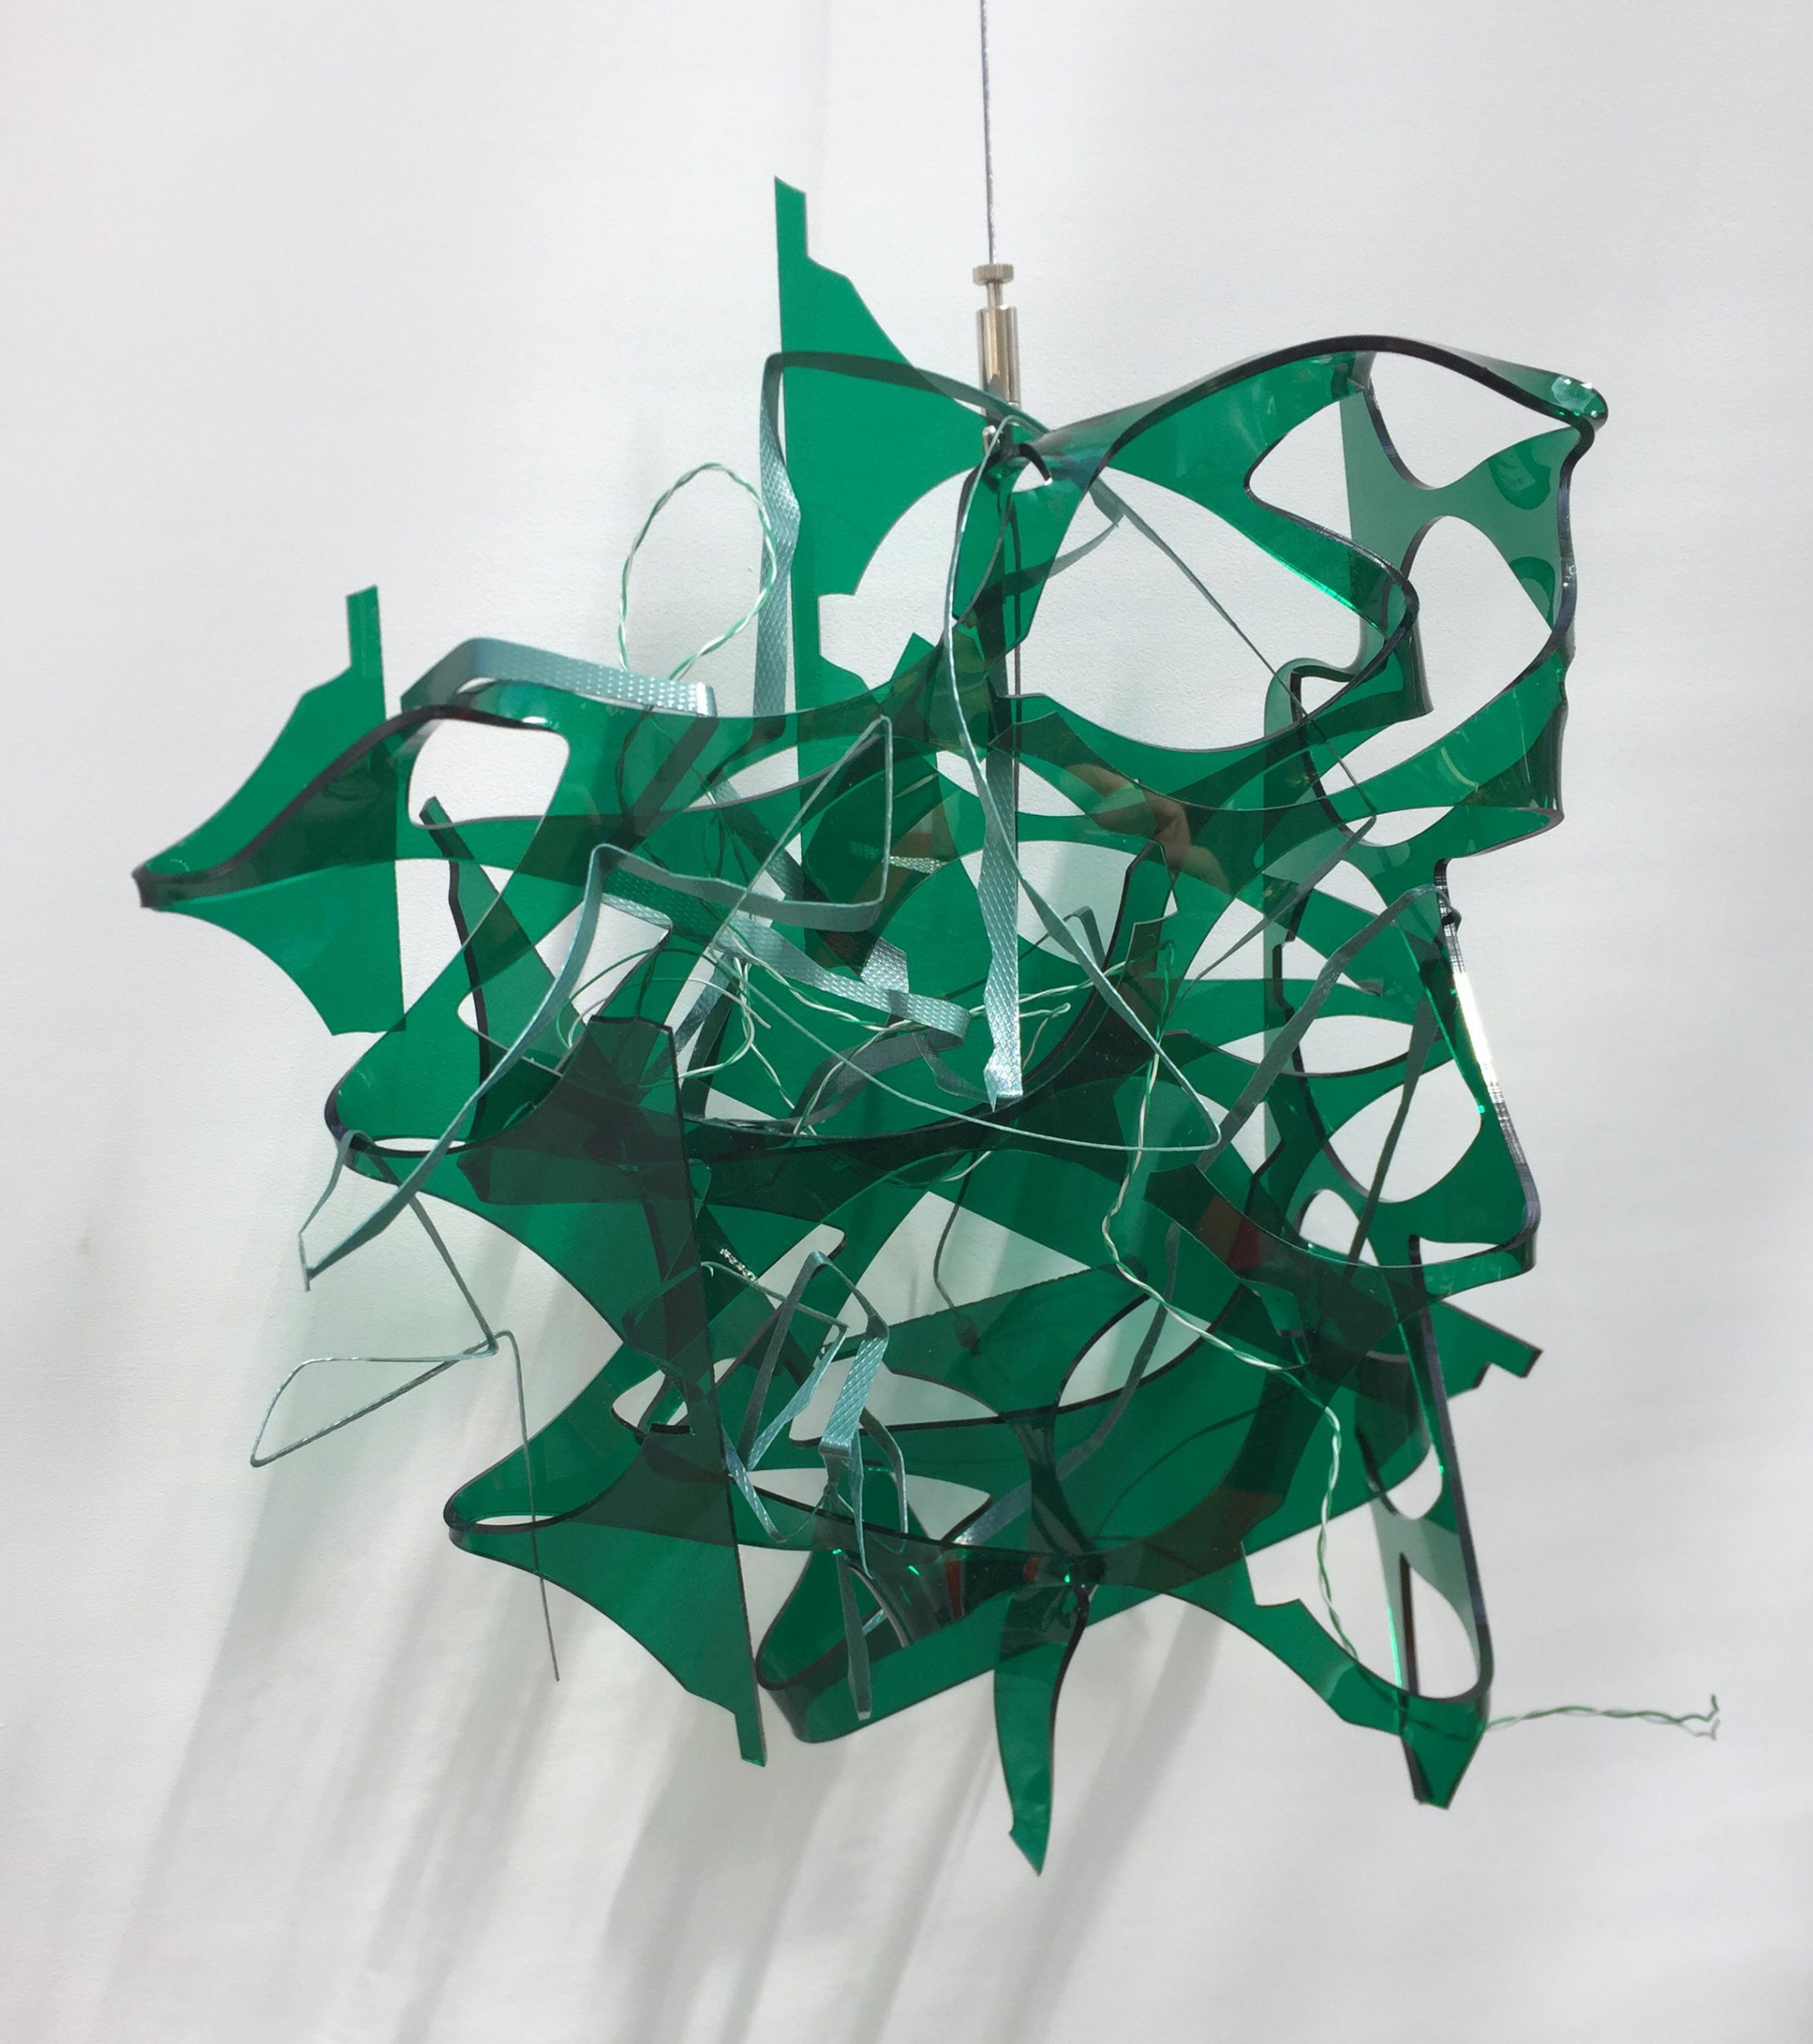 artwork Kosmos 2057 by Gabriele Walter